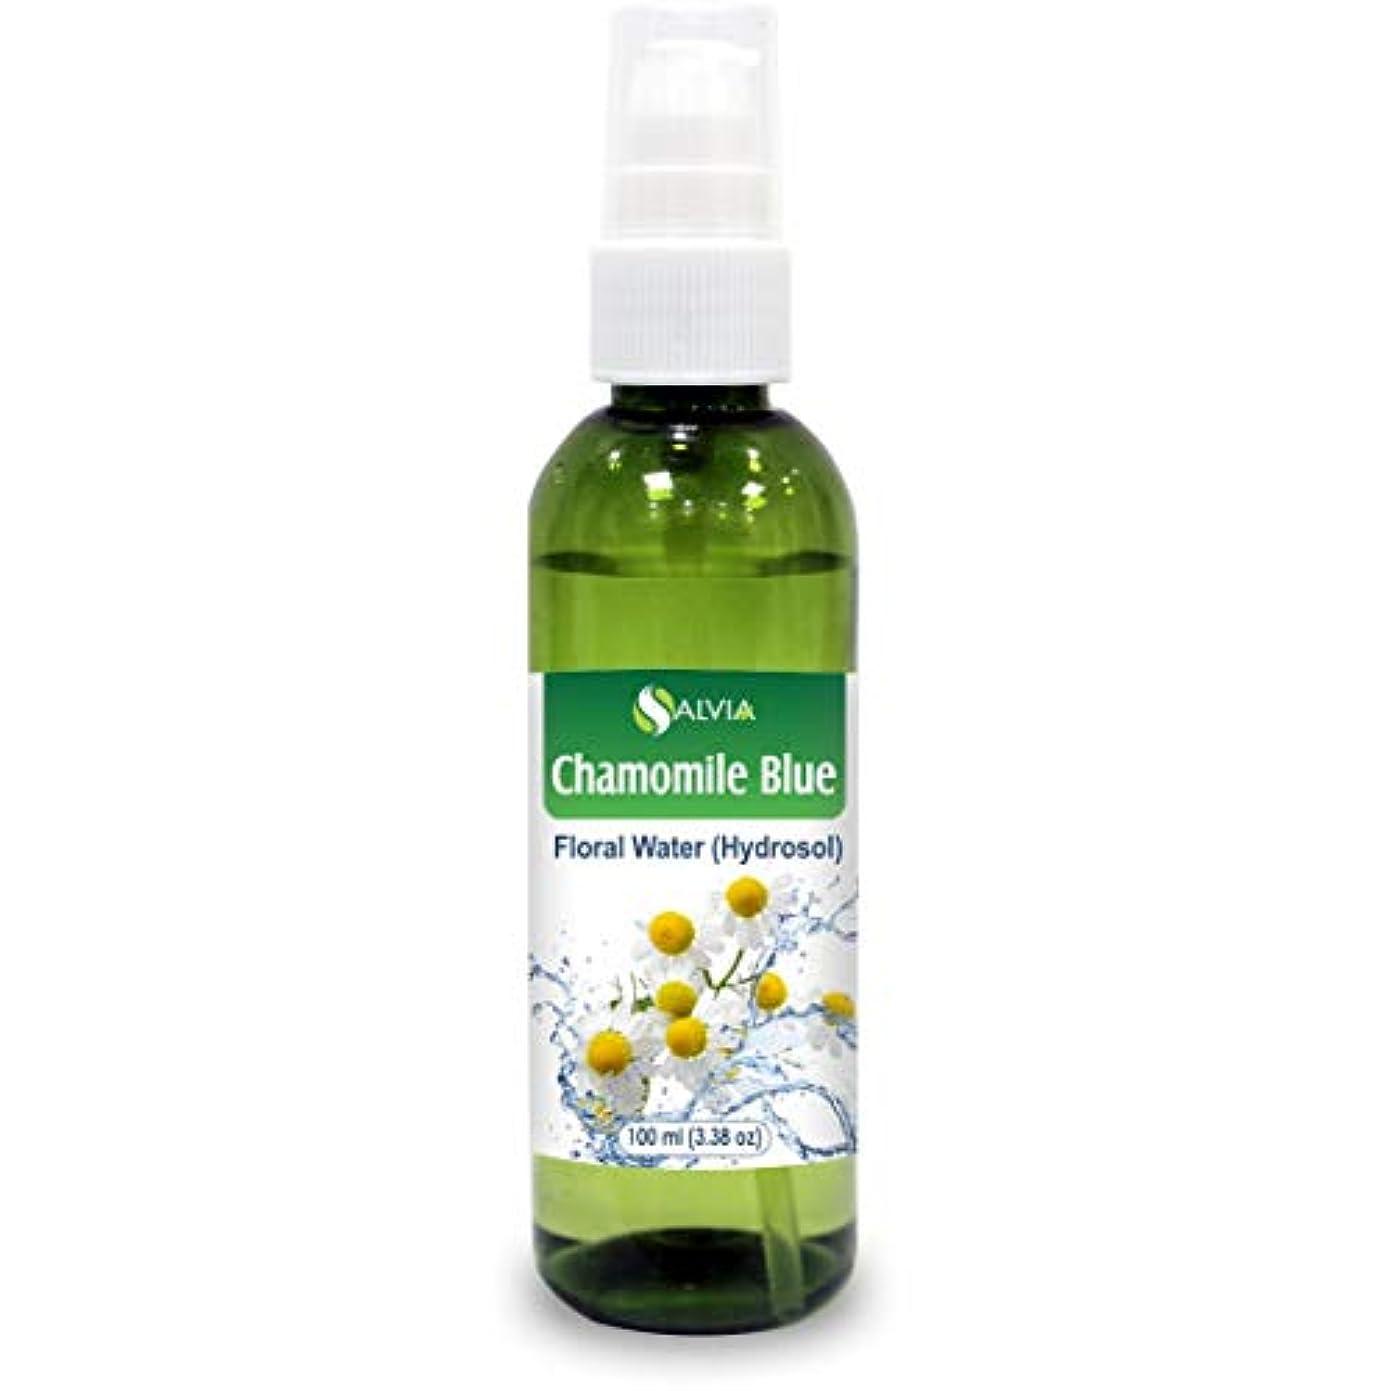 球状すみません強盗Chamomile Oil, Blue Floral Water 100ml (Hydrosol) 100% Pure And Natural